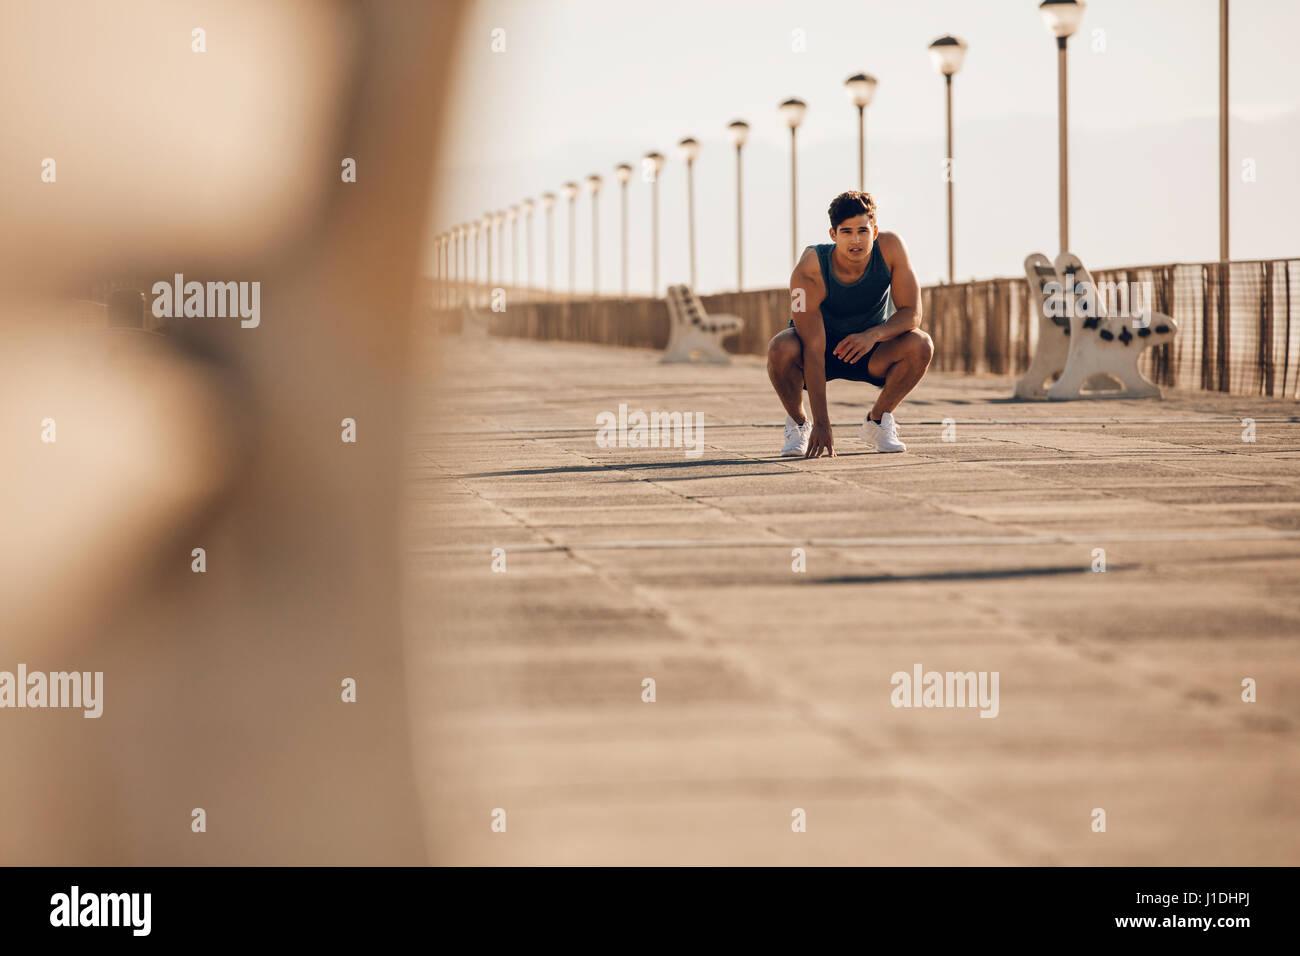 Coup de jeune homme en bonne santé en prenant une pause après matin couru. Coureur masculin se reposant Photo Stock